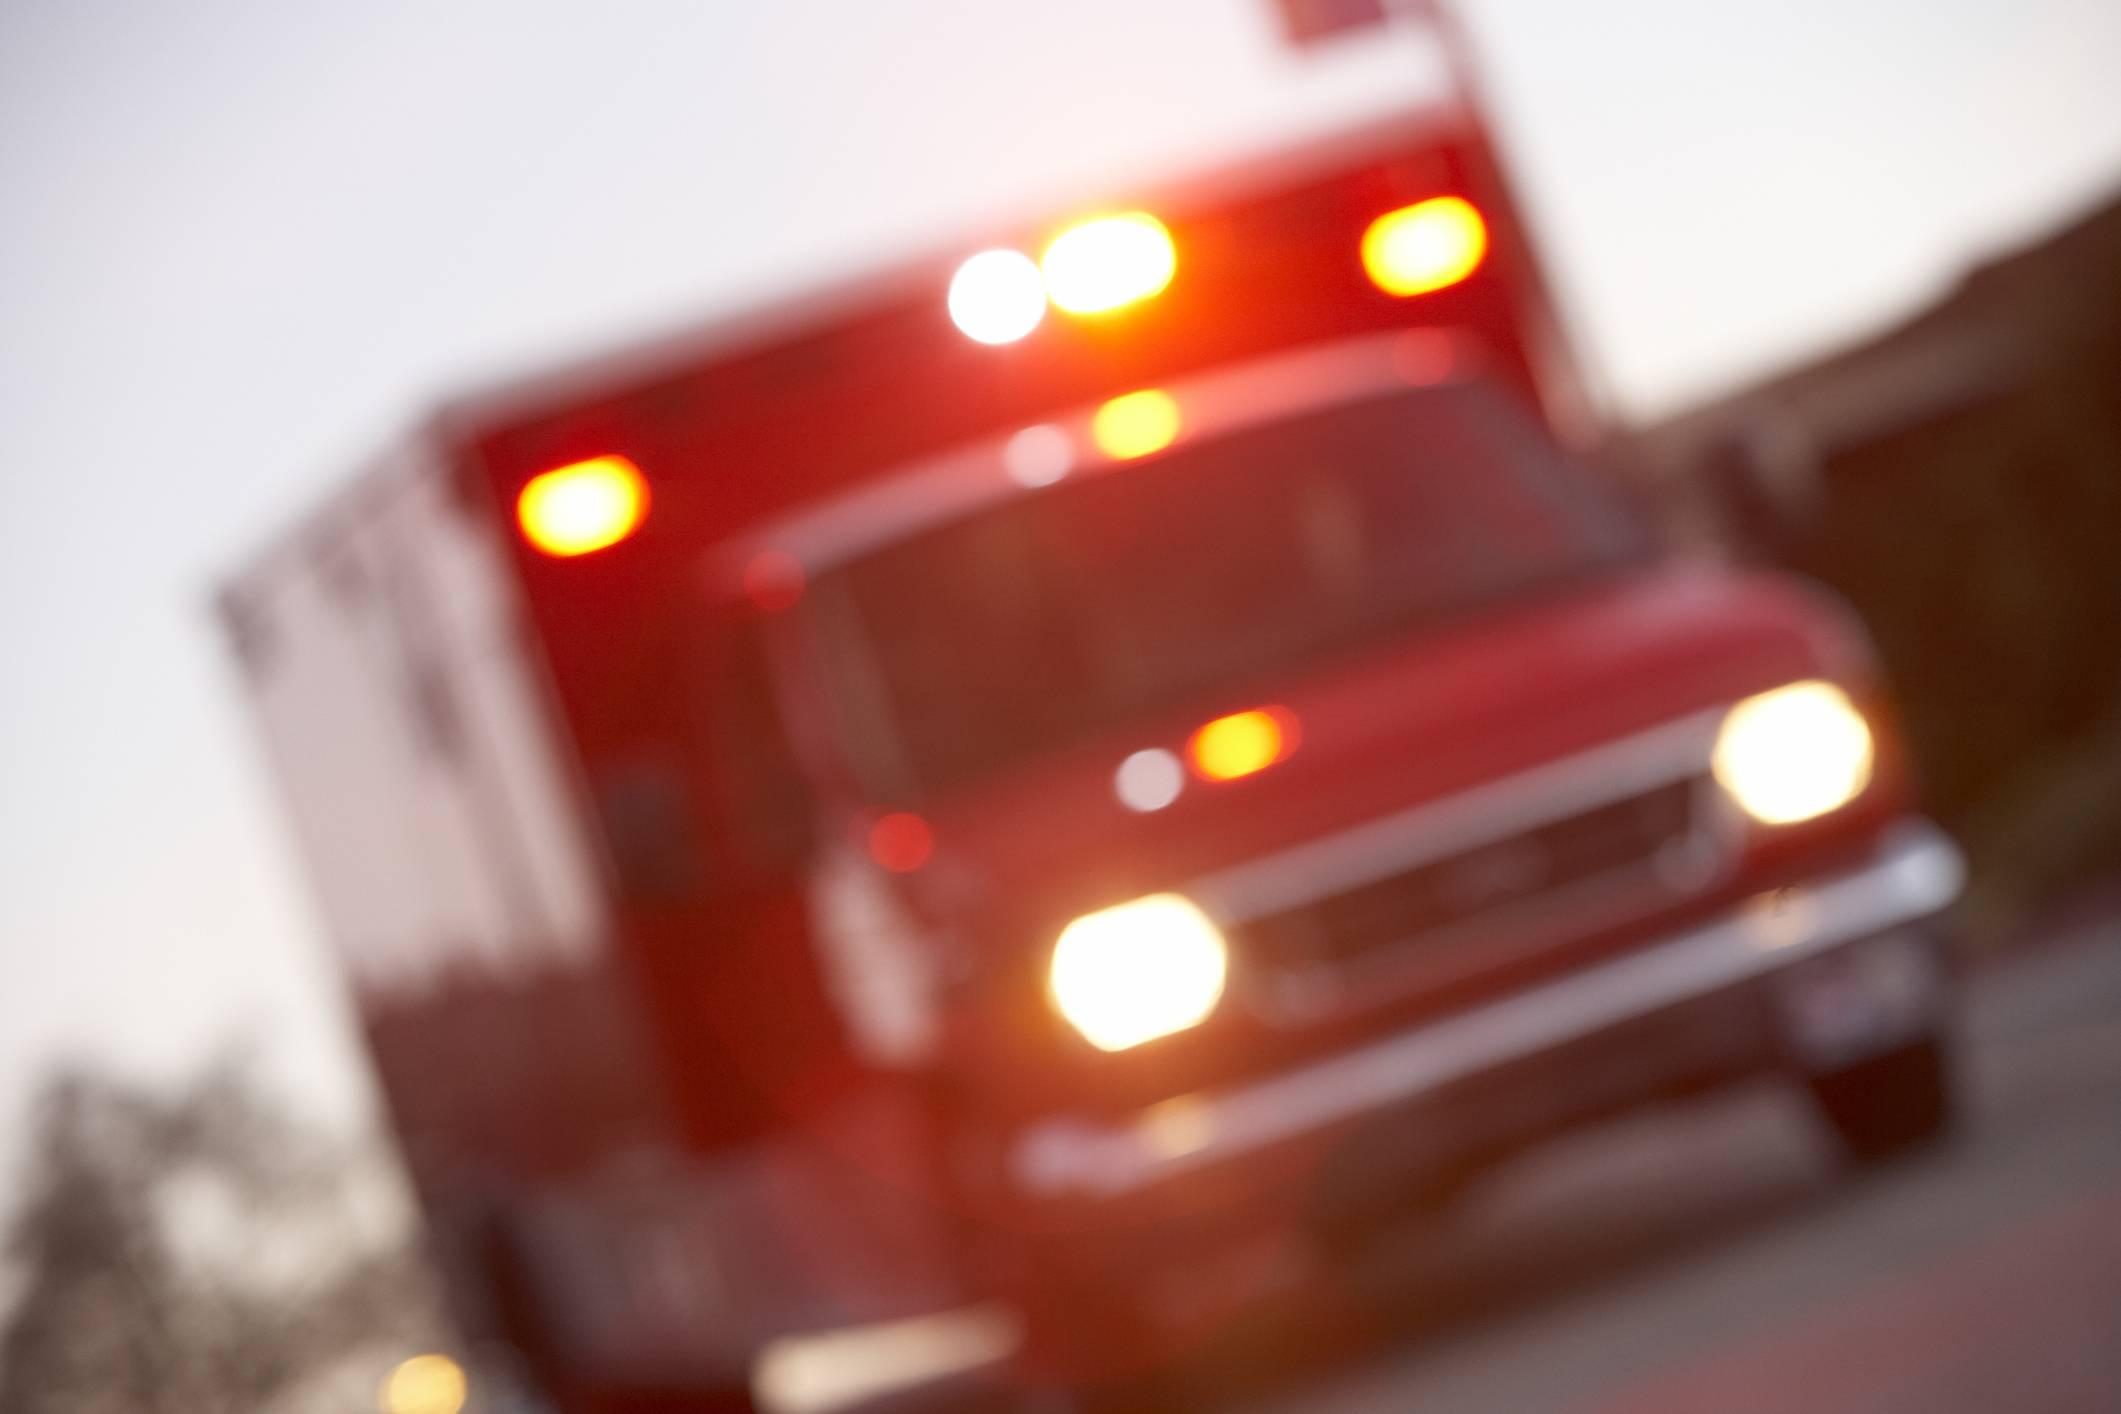 Boy injured in four-vehicle pileup on I-88